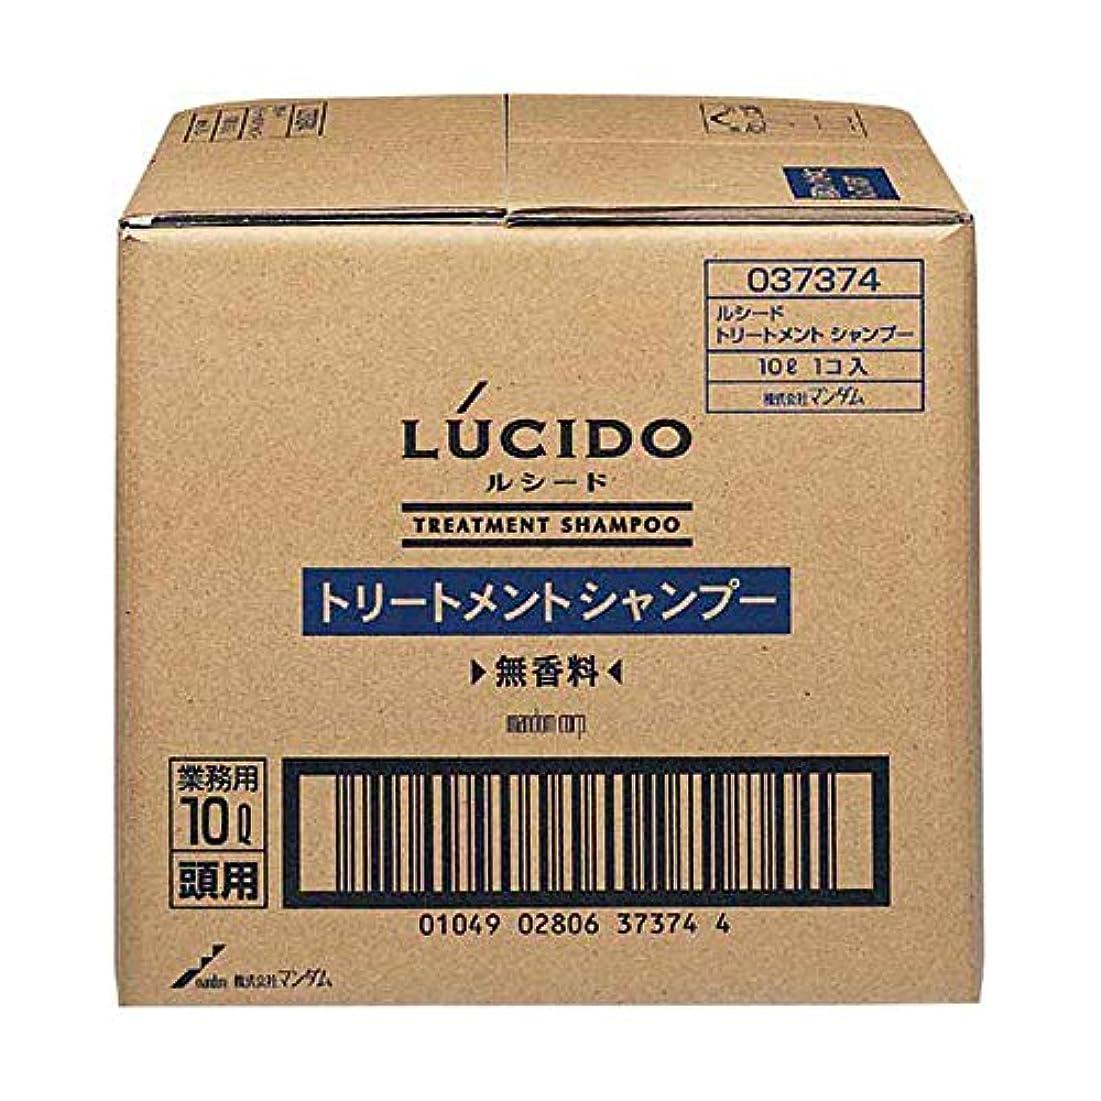 金属霧ゆるくLUCIDO (ルシード) トリートメントシャンプー 業務用 10L